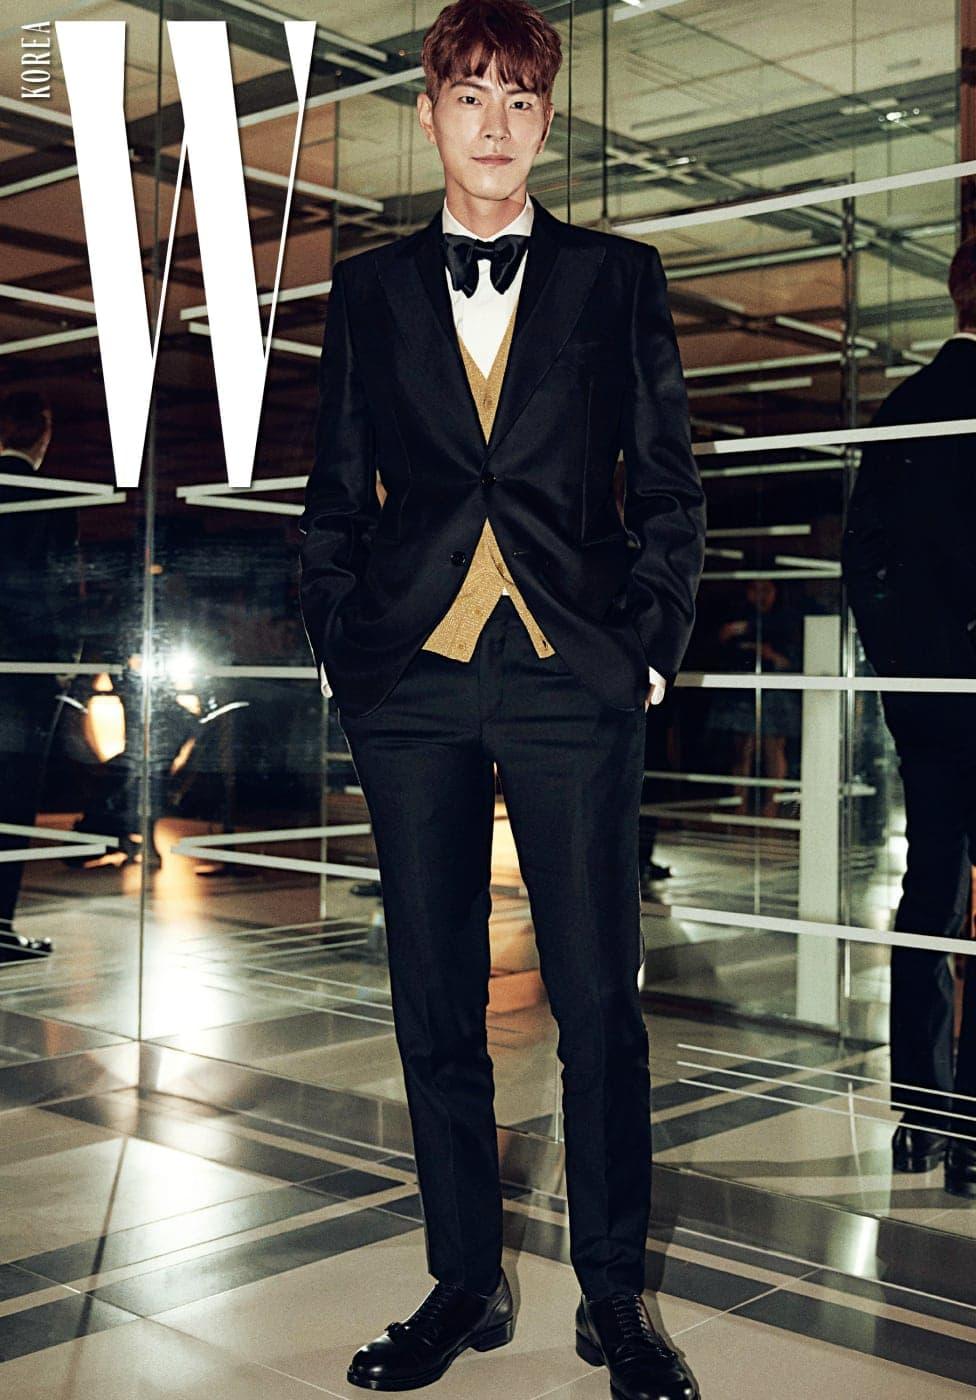 'Love Your W'의 뜻에 함께하기 위해 기꺼이 자리해준 홍종현. 모델 출신답게 고급스러운 보타이 슈트 룩이 돋보였다. 네로 트윌 혼방 재킷, 클래식 코튼 셔츠, 루렉스 소재의 글리터링한 니트 카디건, 실크 보타이, 팬츠, 레이스업 슈즈는 모두 Bottega Veneta 제품.